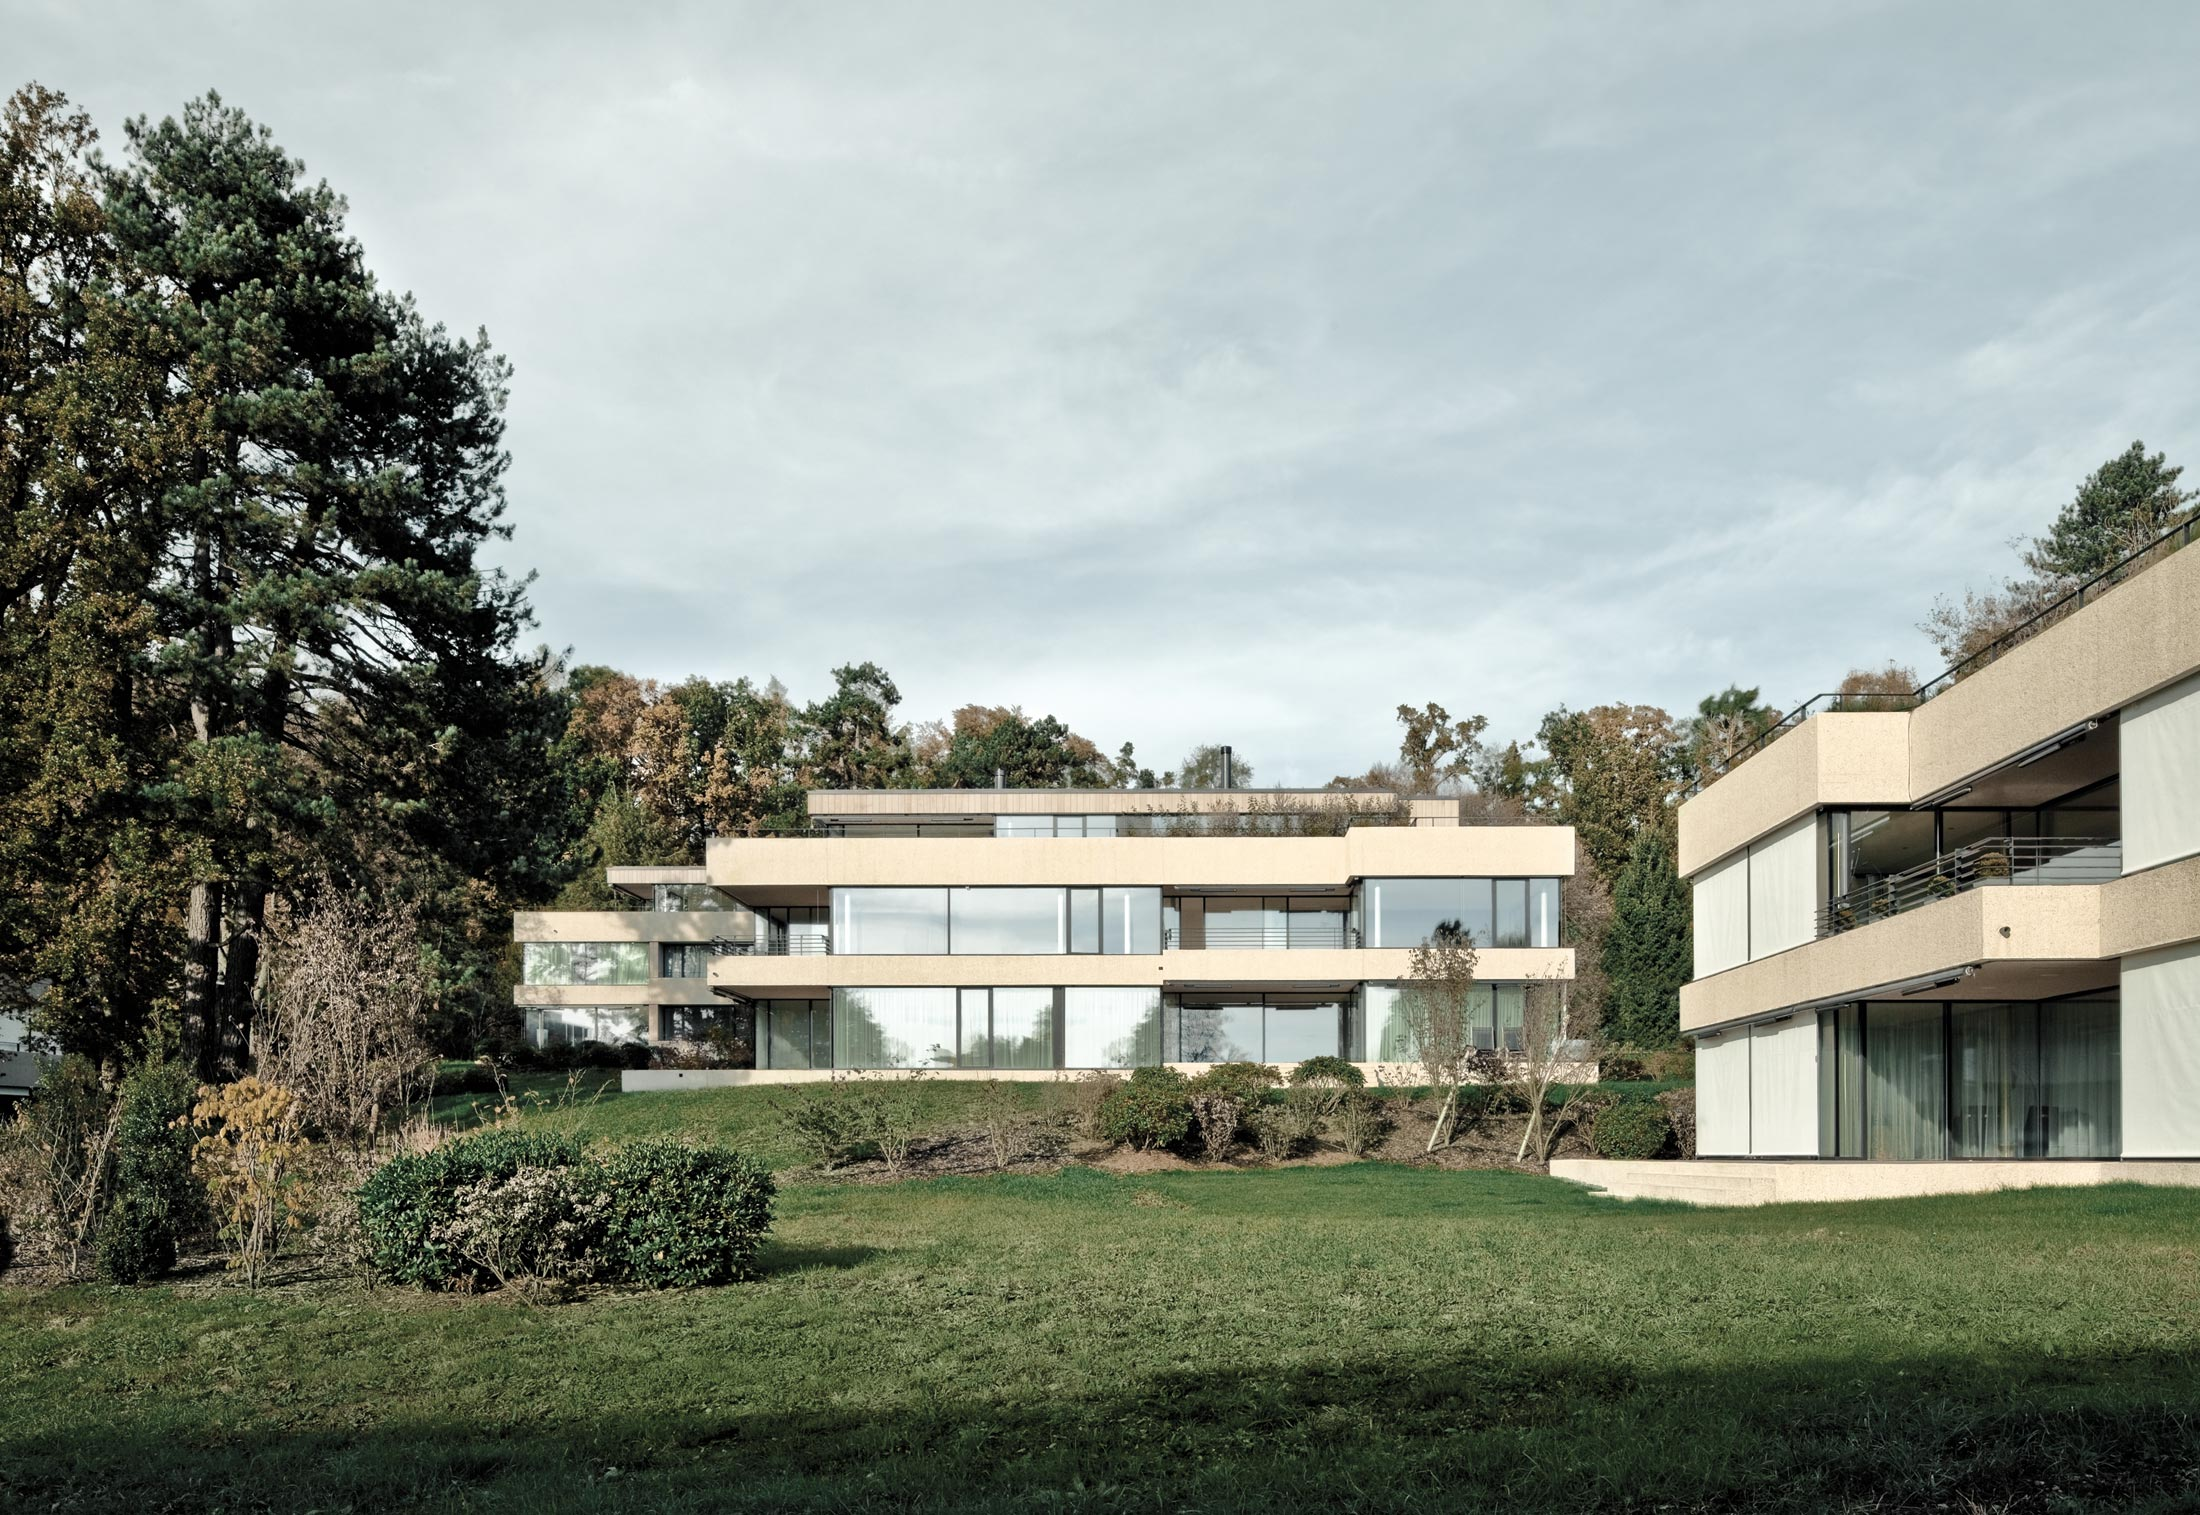 Fenster-Fassadensystem, Villen im Park von air-lux | STYLEPARK